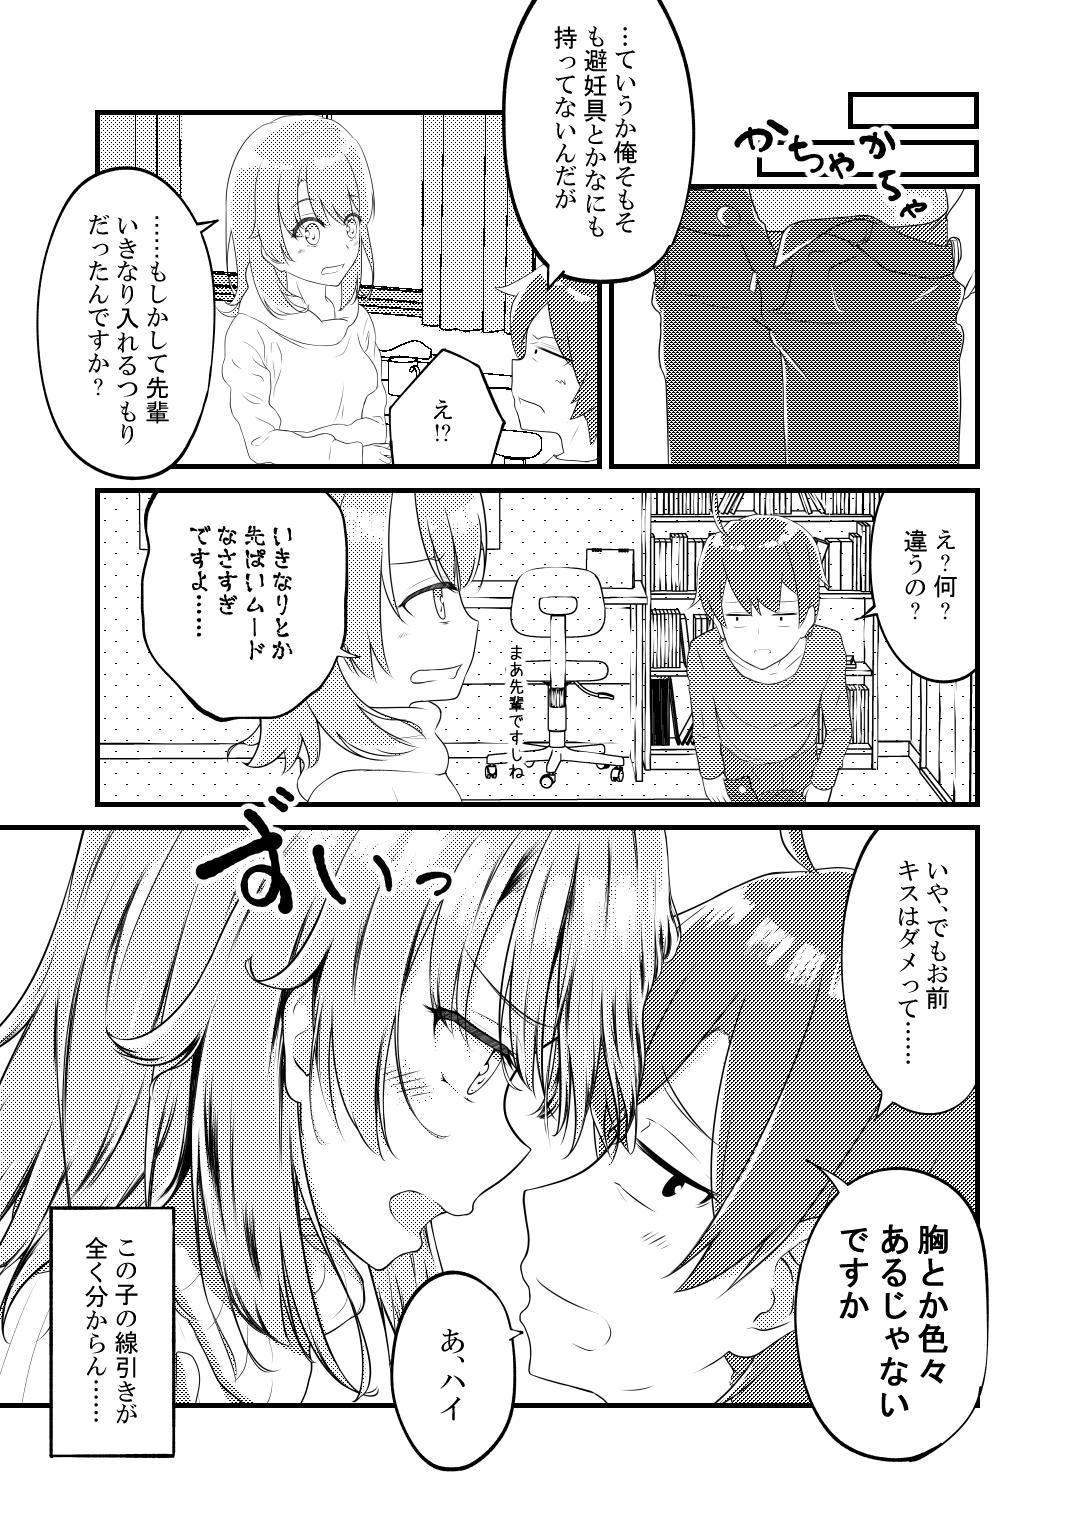 Irohasu ga Deredere de Kanchigai Shisou 10